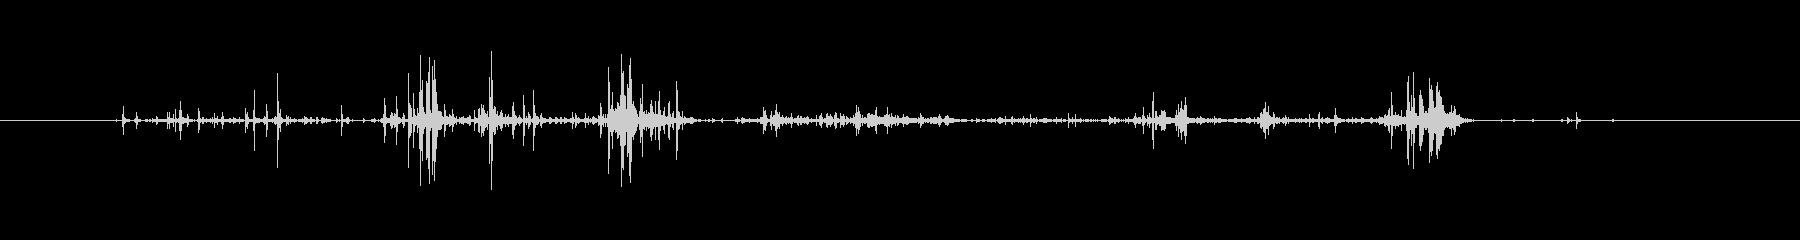 木 スティックススモール02クラッ...の未再生の波形